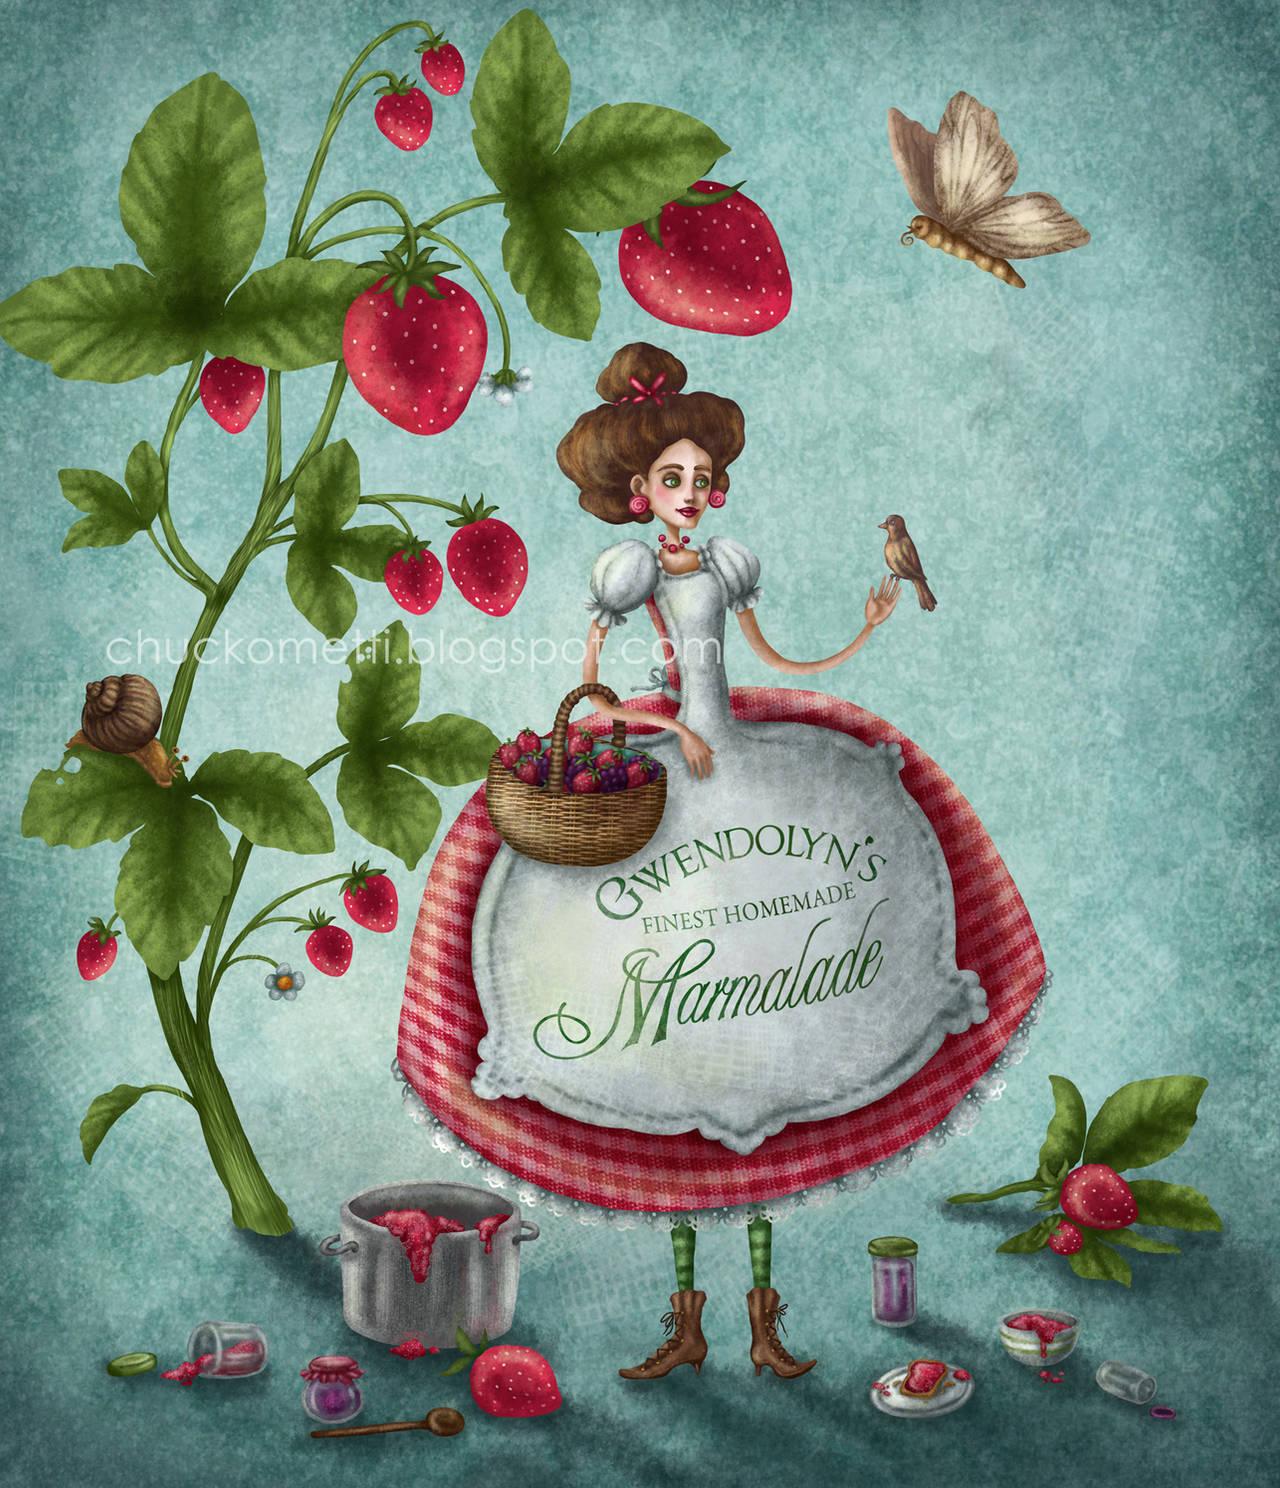 Strawberry Night by chuckometti